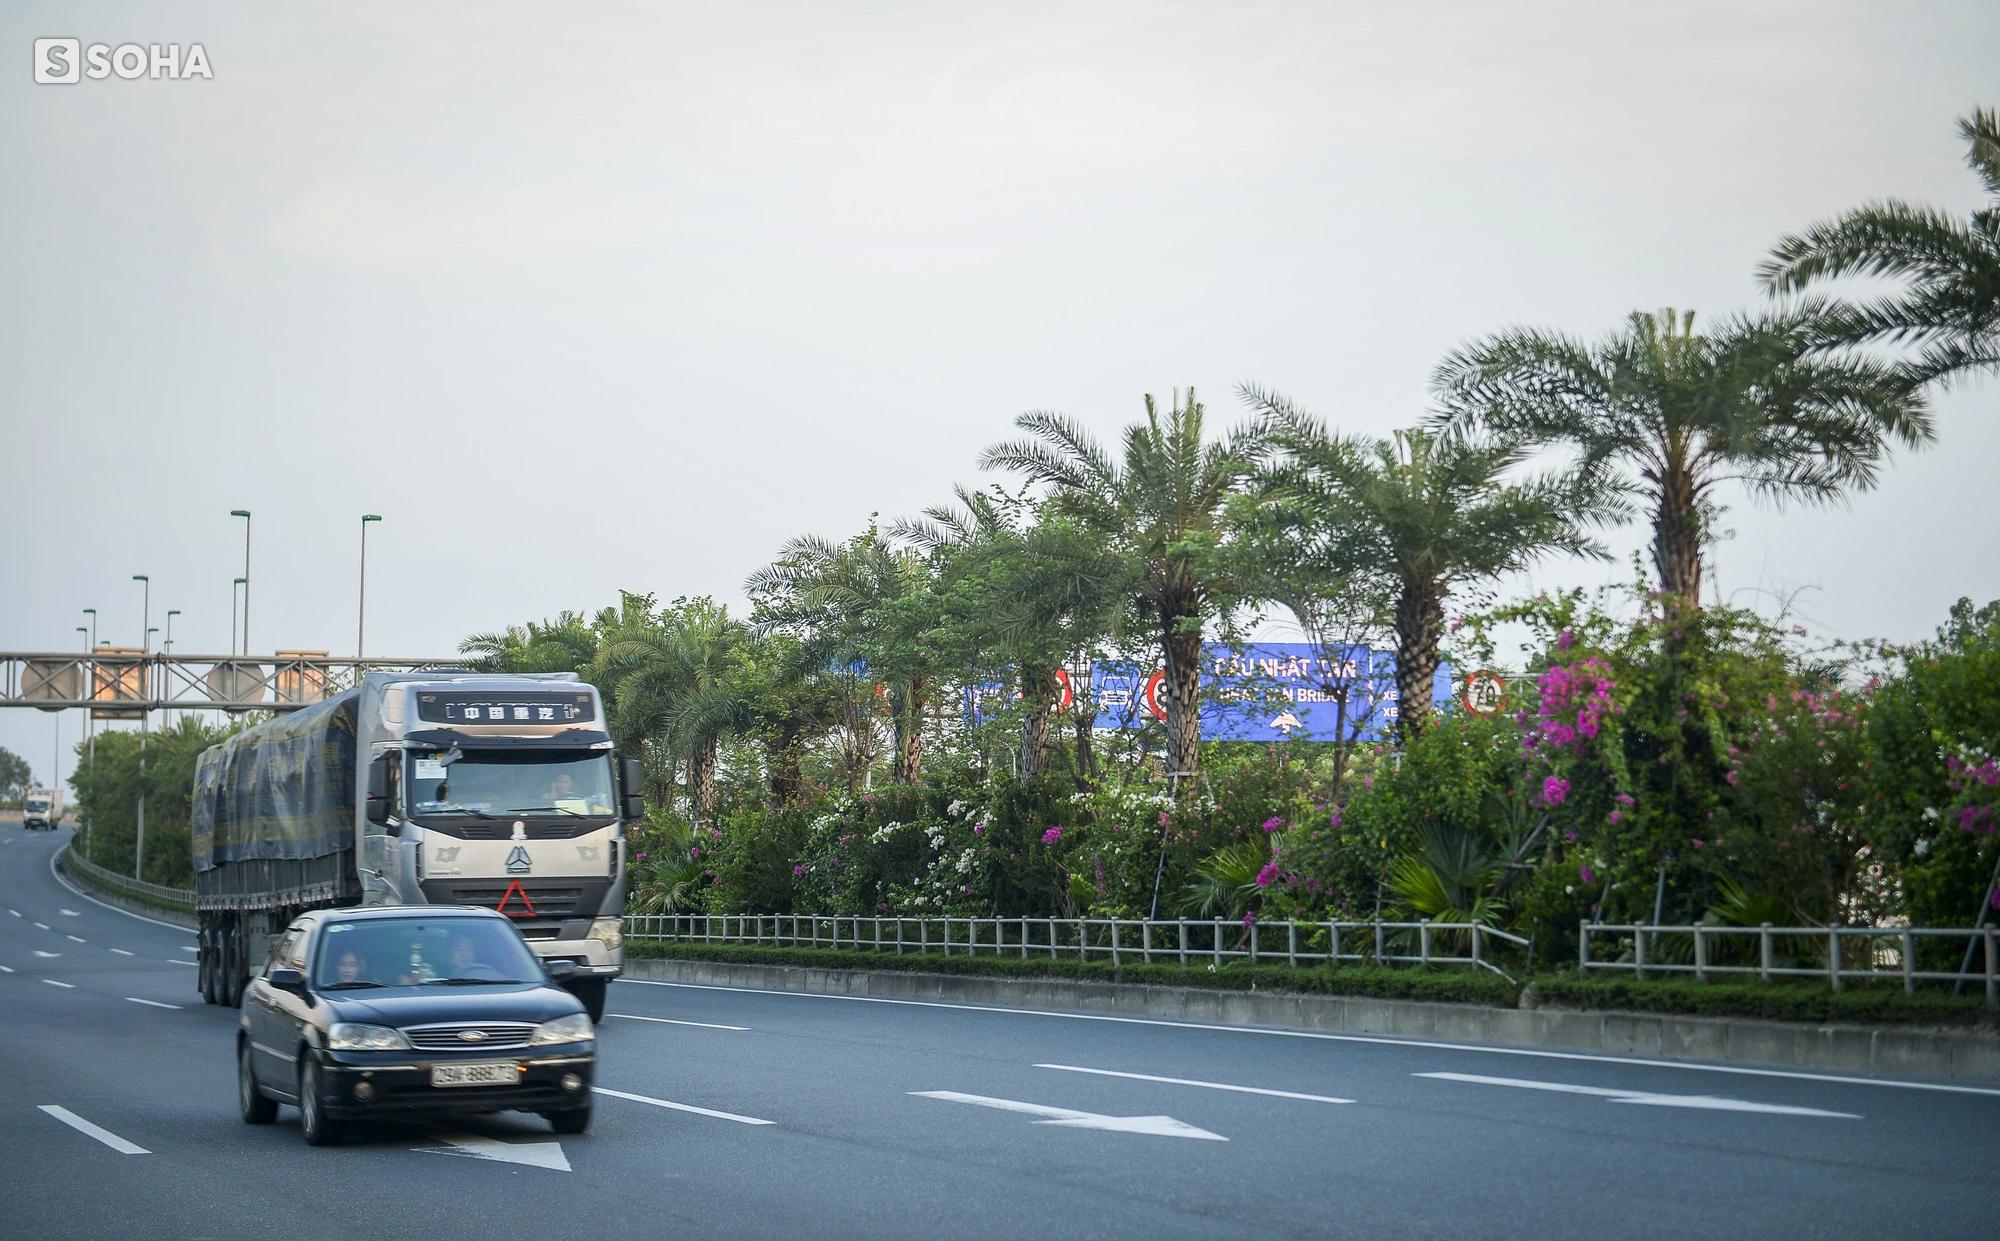 Cận cảnh hàng cây bàng lá nhỏ, chà là trong vụ Tổng Giám đốc công ty cây xanh Hà Nội bị bắt - Ảnh 14.